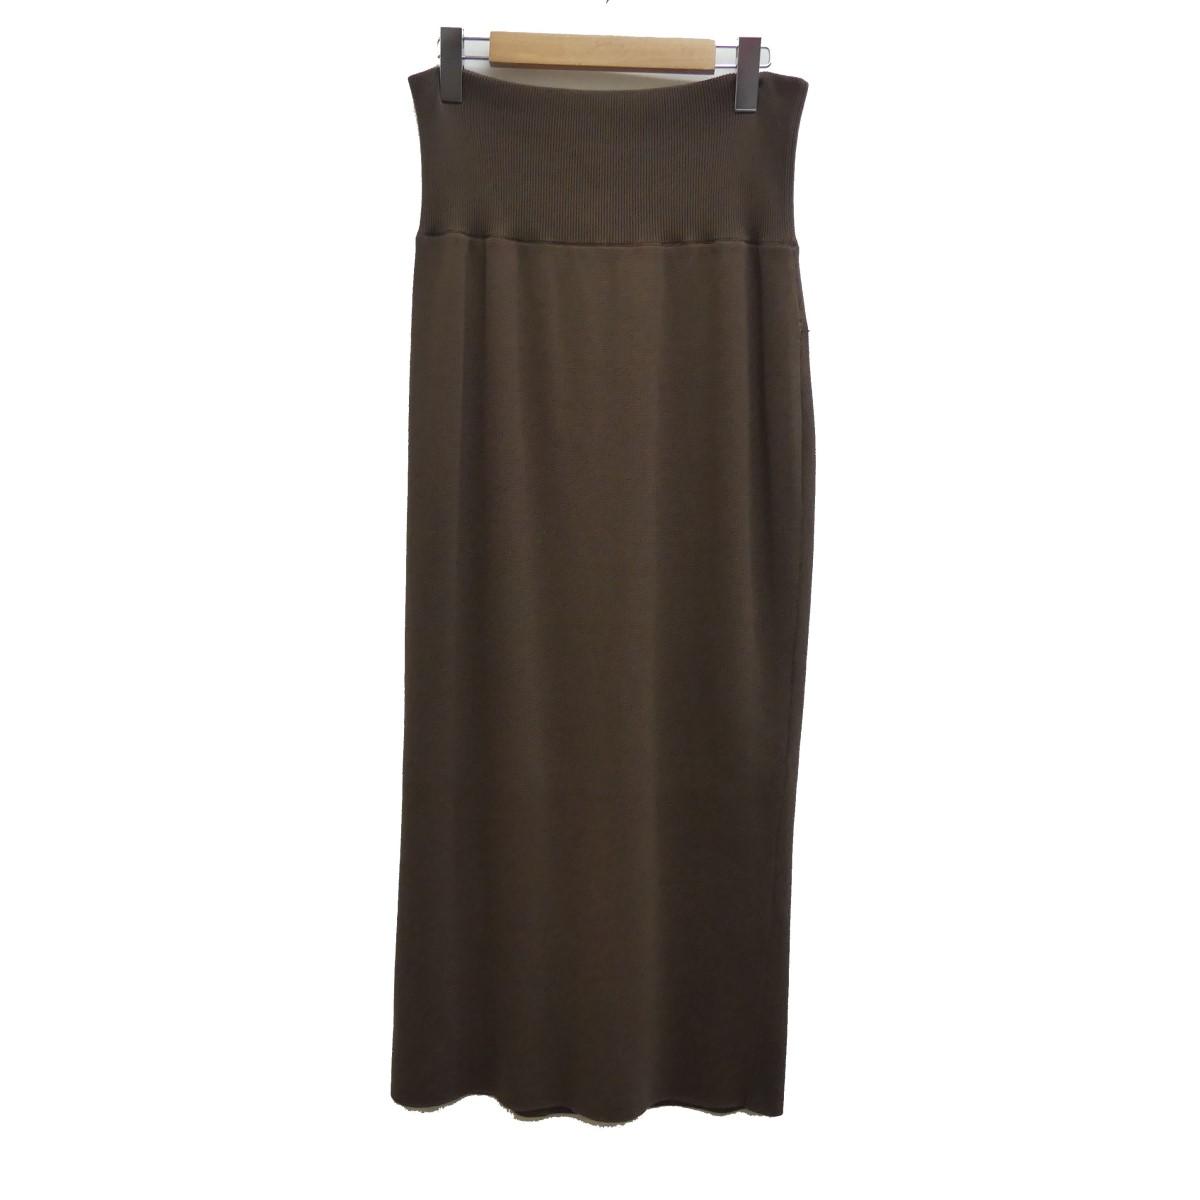 【中古】DEUXIEME CLASSE 2019SS ハーフリブニットスカート ブラウン サイズ:38 【160420】(ドゥーズィエムクラス)